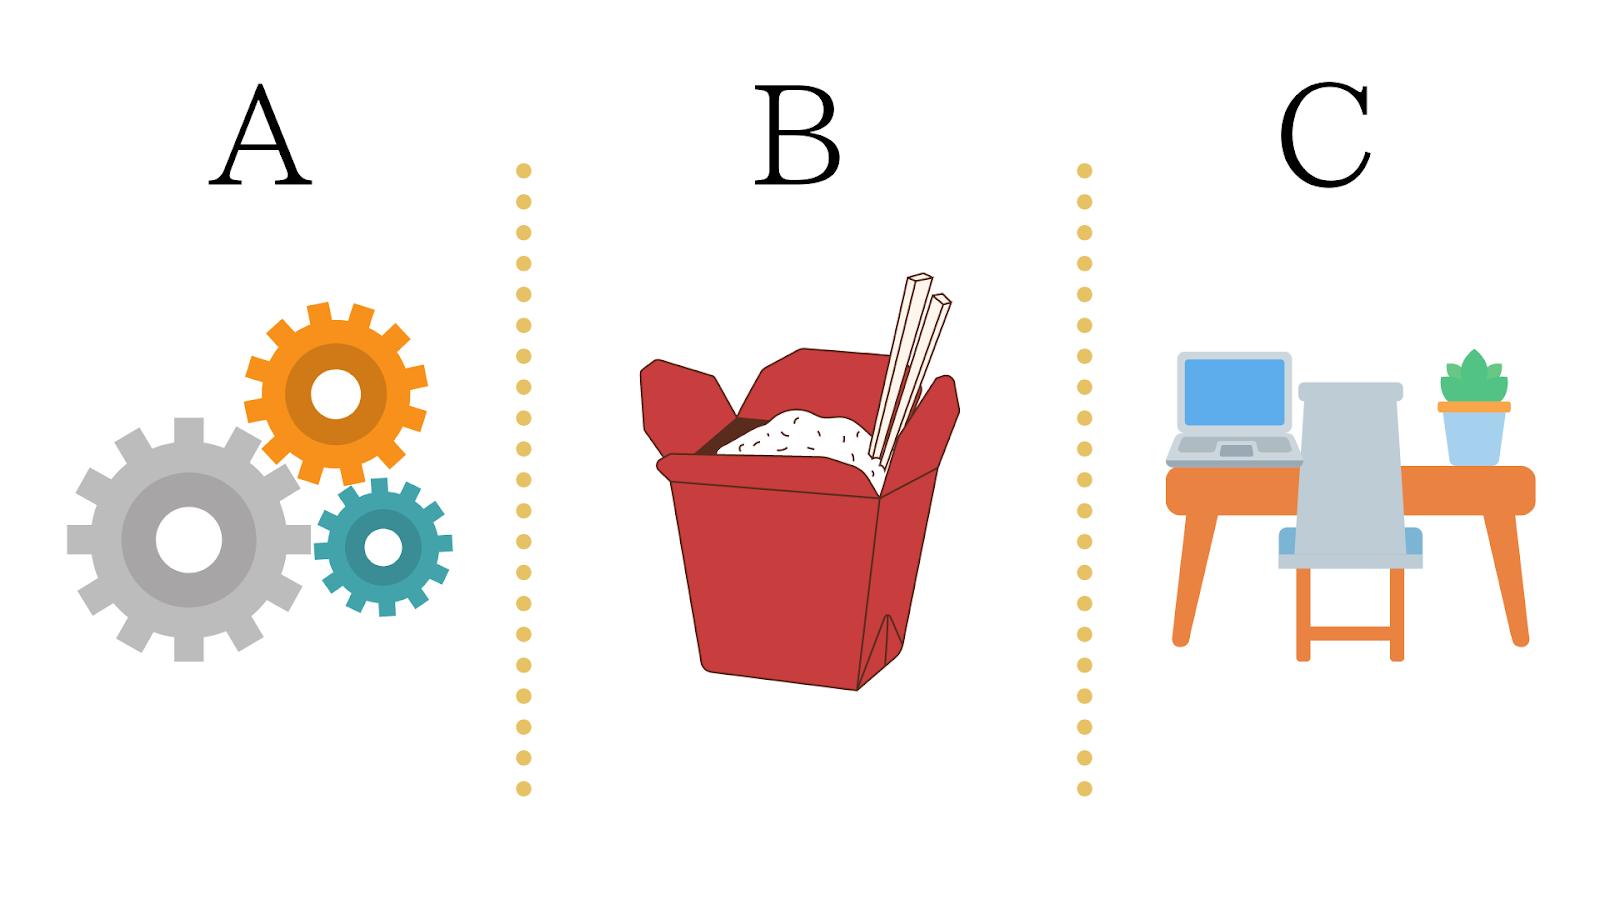 【解説】小規模事業者持続化補助金コロナ型とは?対象条件など類型ABC2